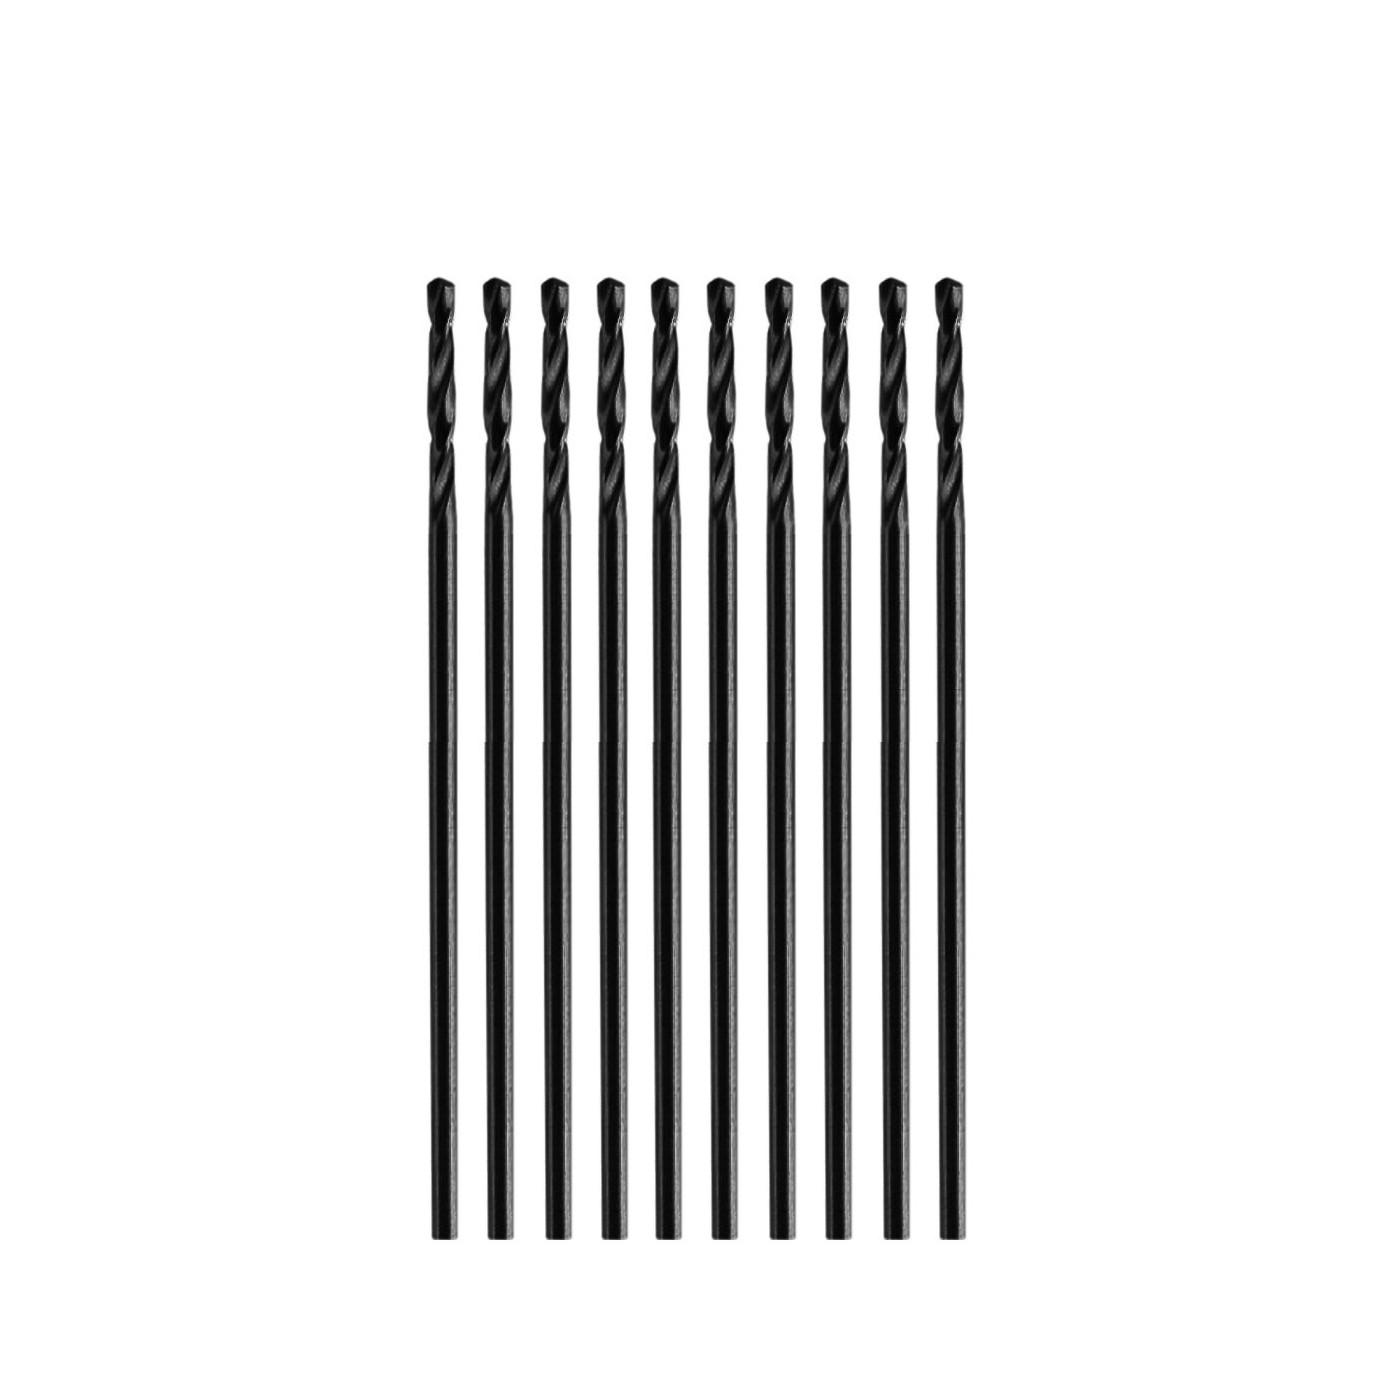 Set van 10 kleine metaalboren (2.0x50 mm, HSS-R)